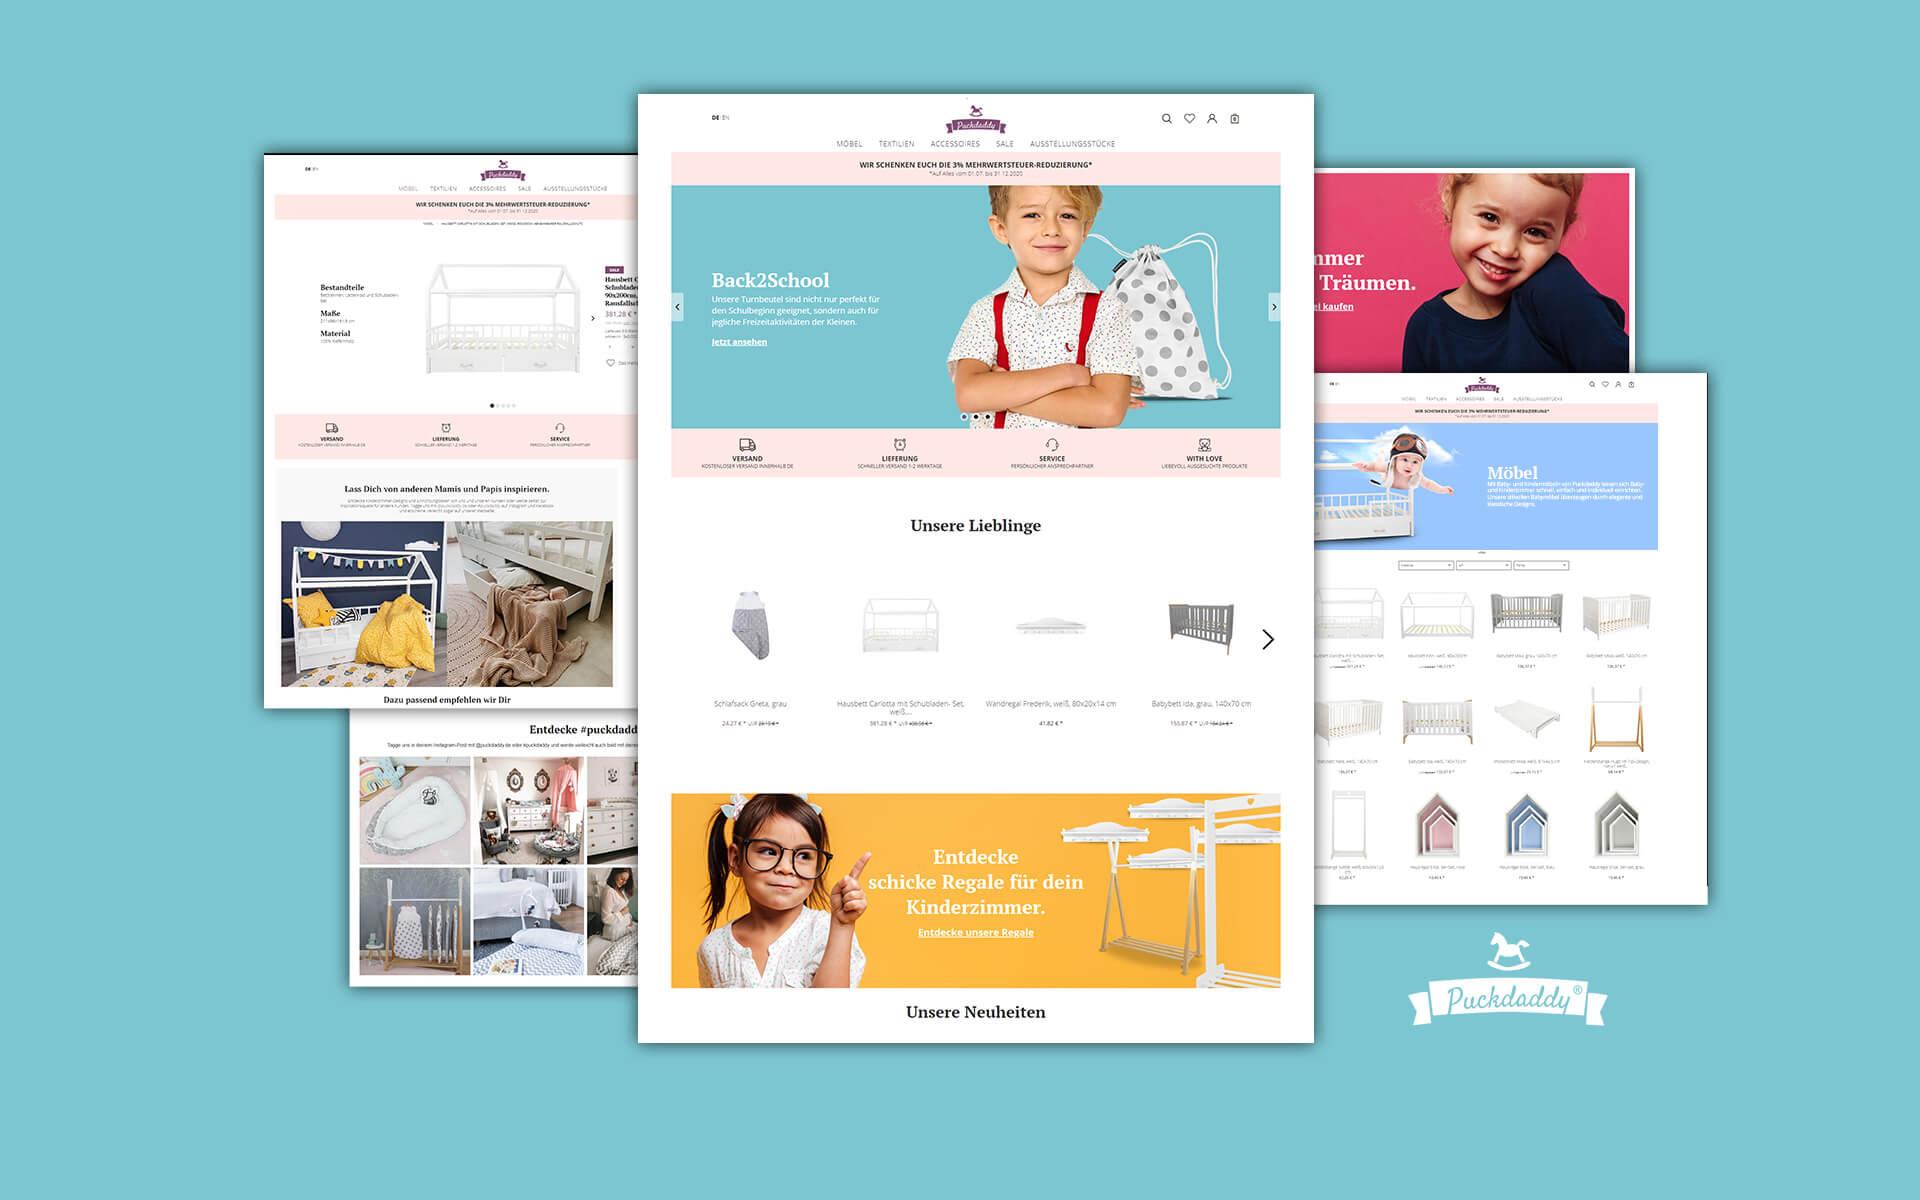 Layout und Logo der E-Commerce-Agentur: BS-Style GmbH. Darstellung der Desktopansicht des Onlineshops puckdaddy.de